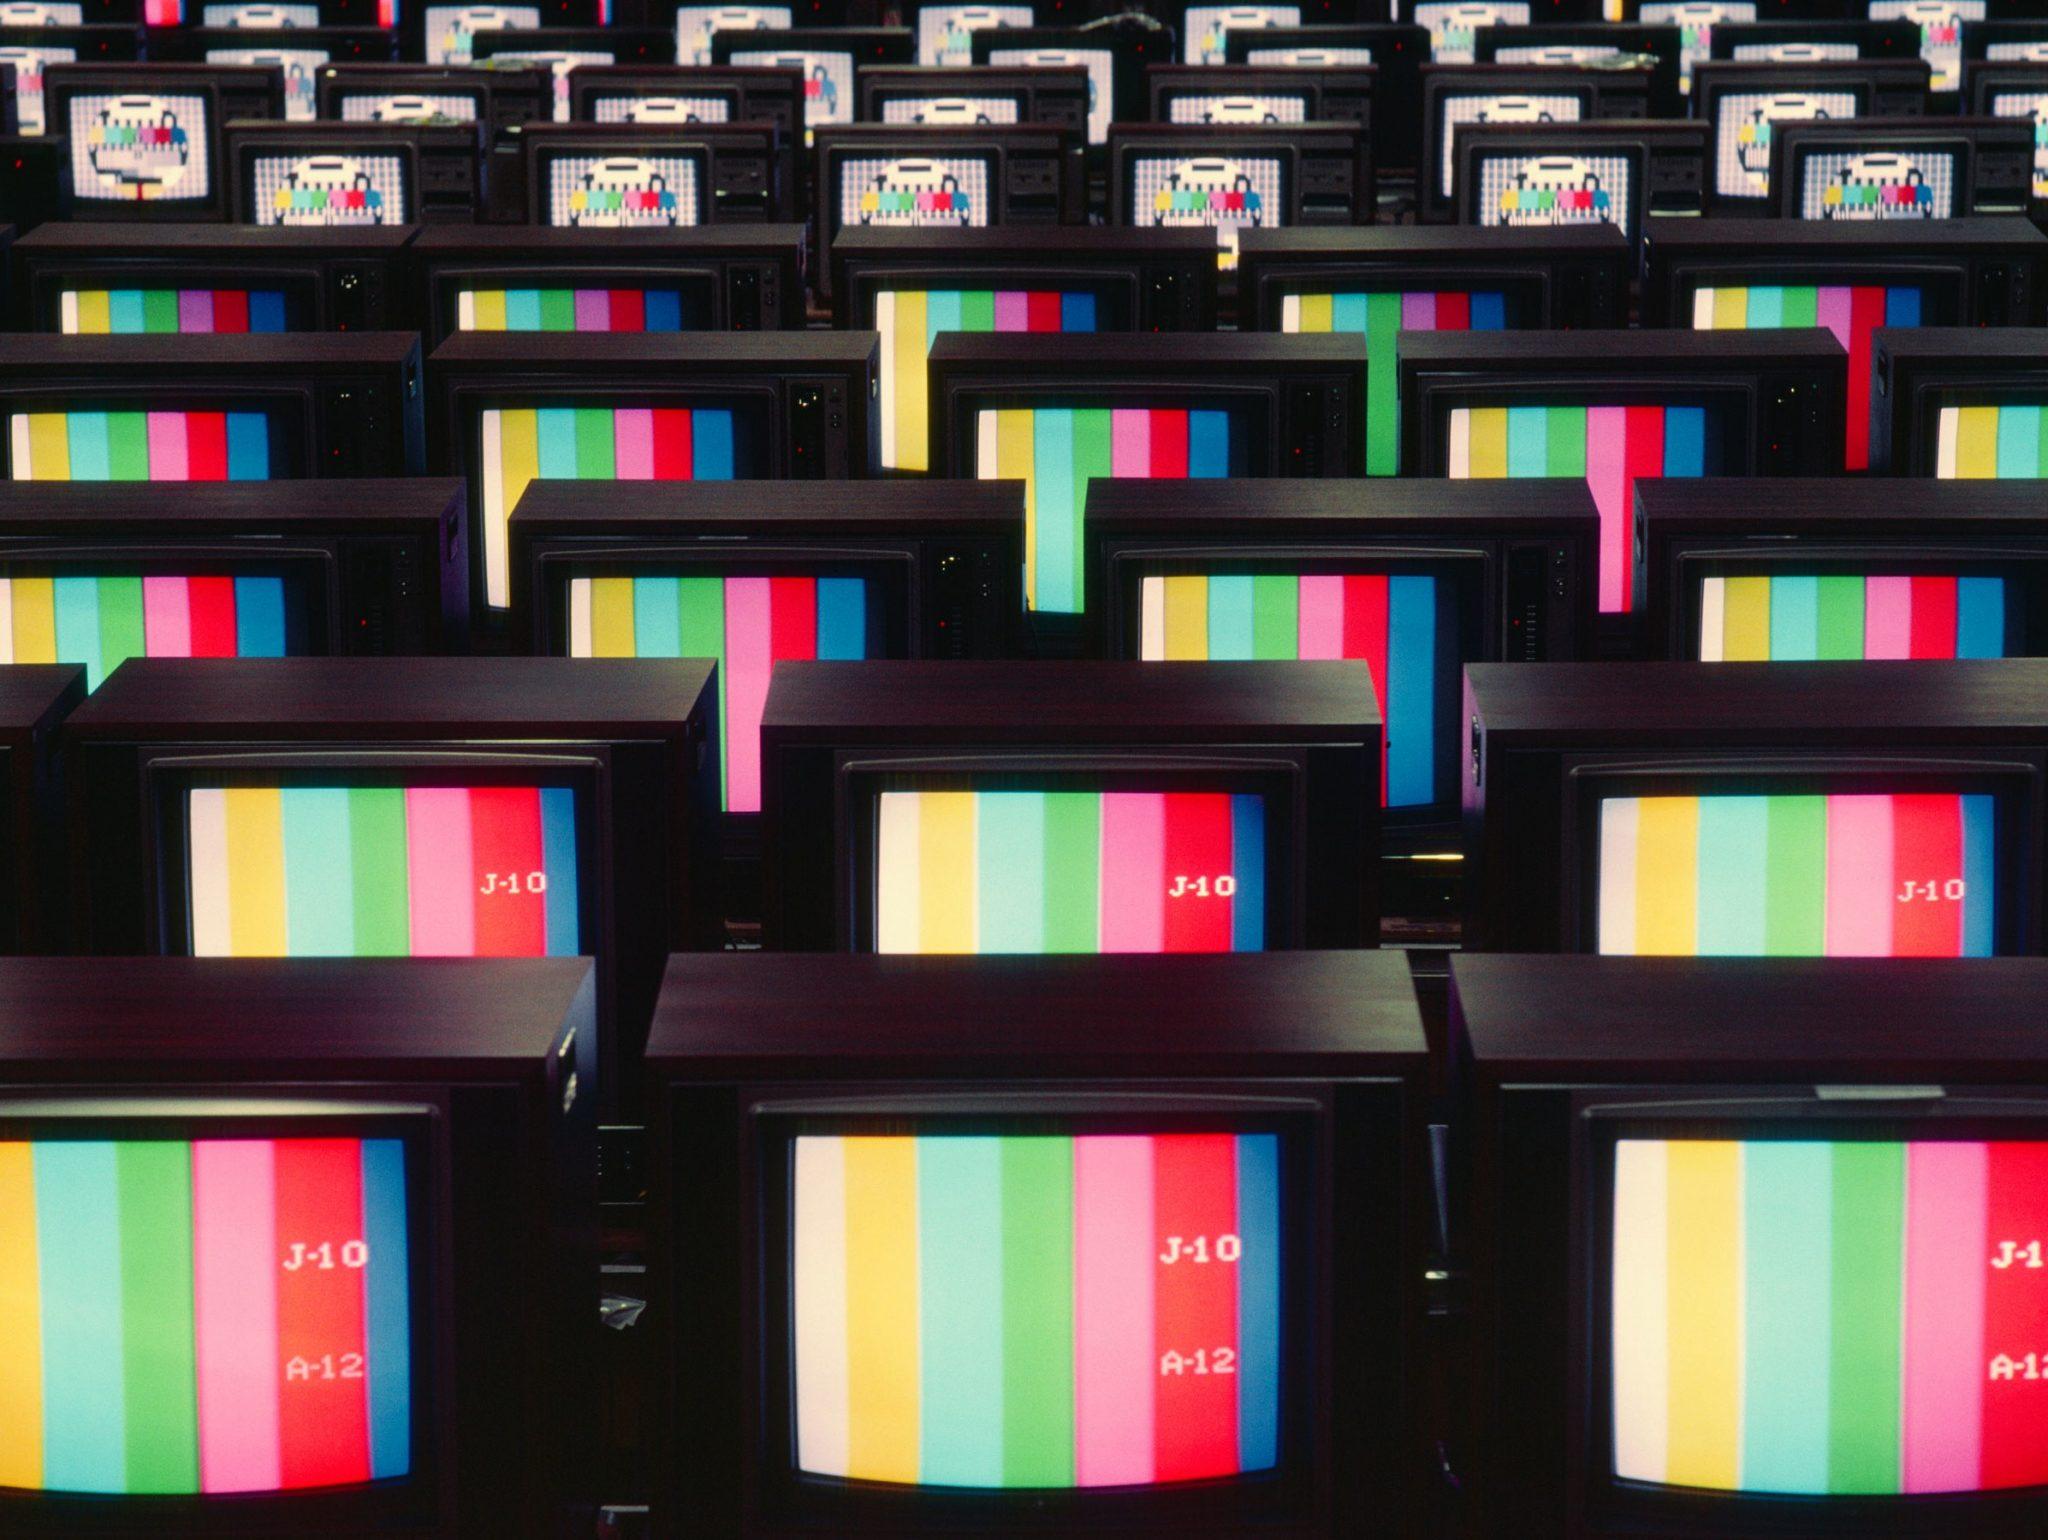 sicurezza smart tv